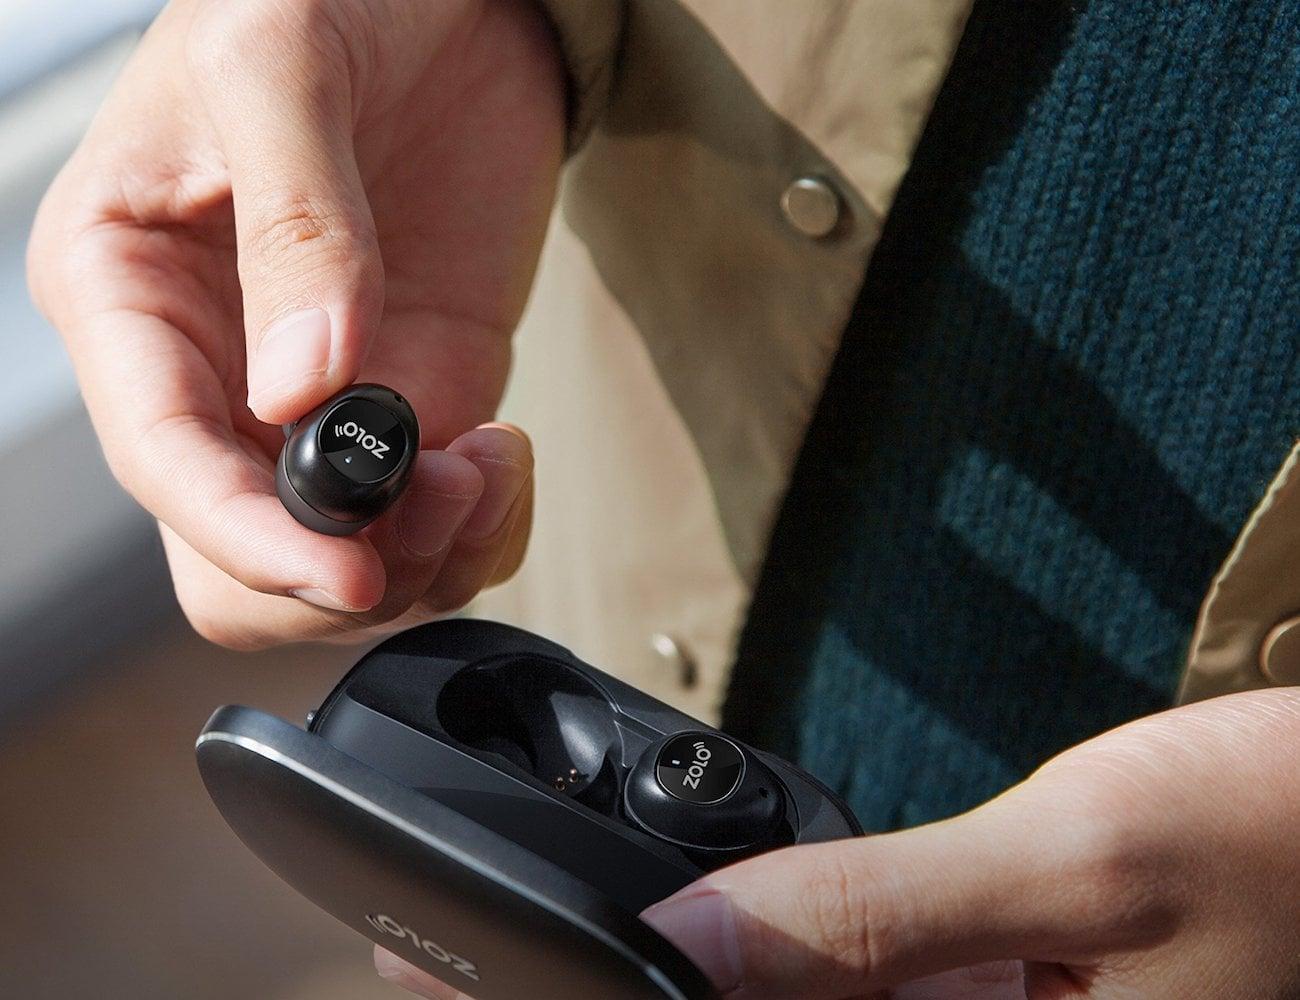 Zolo Liberty Total-Wireless Earphones